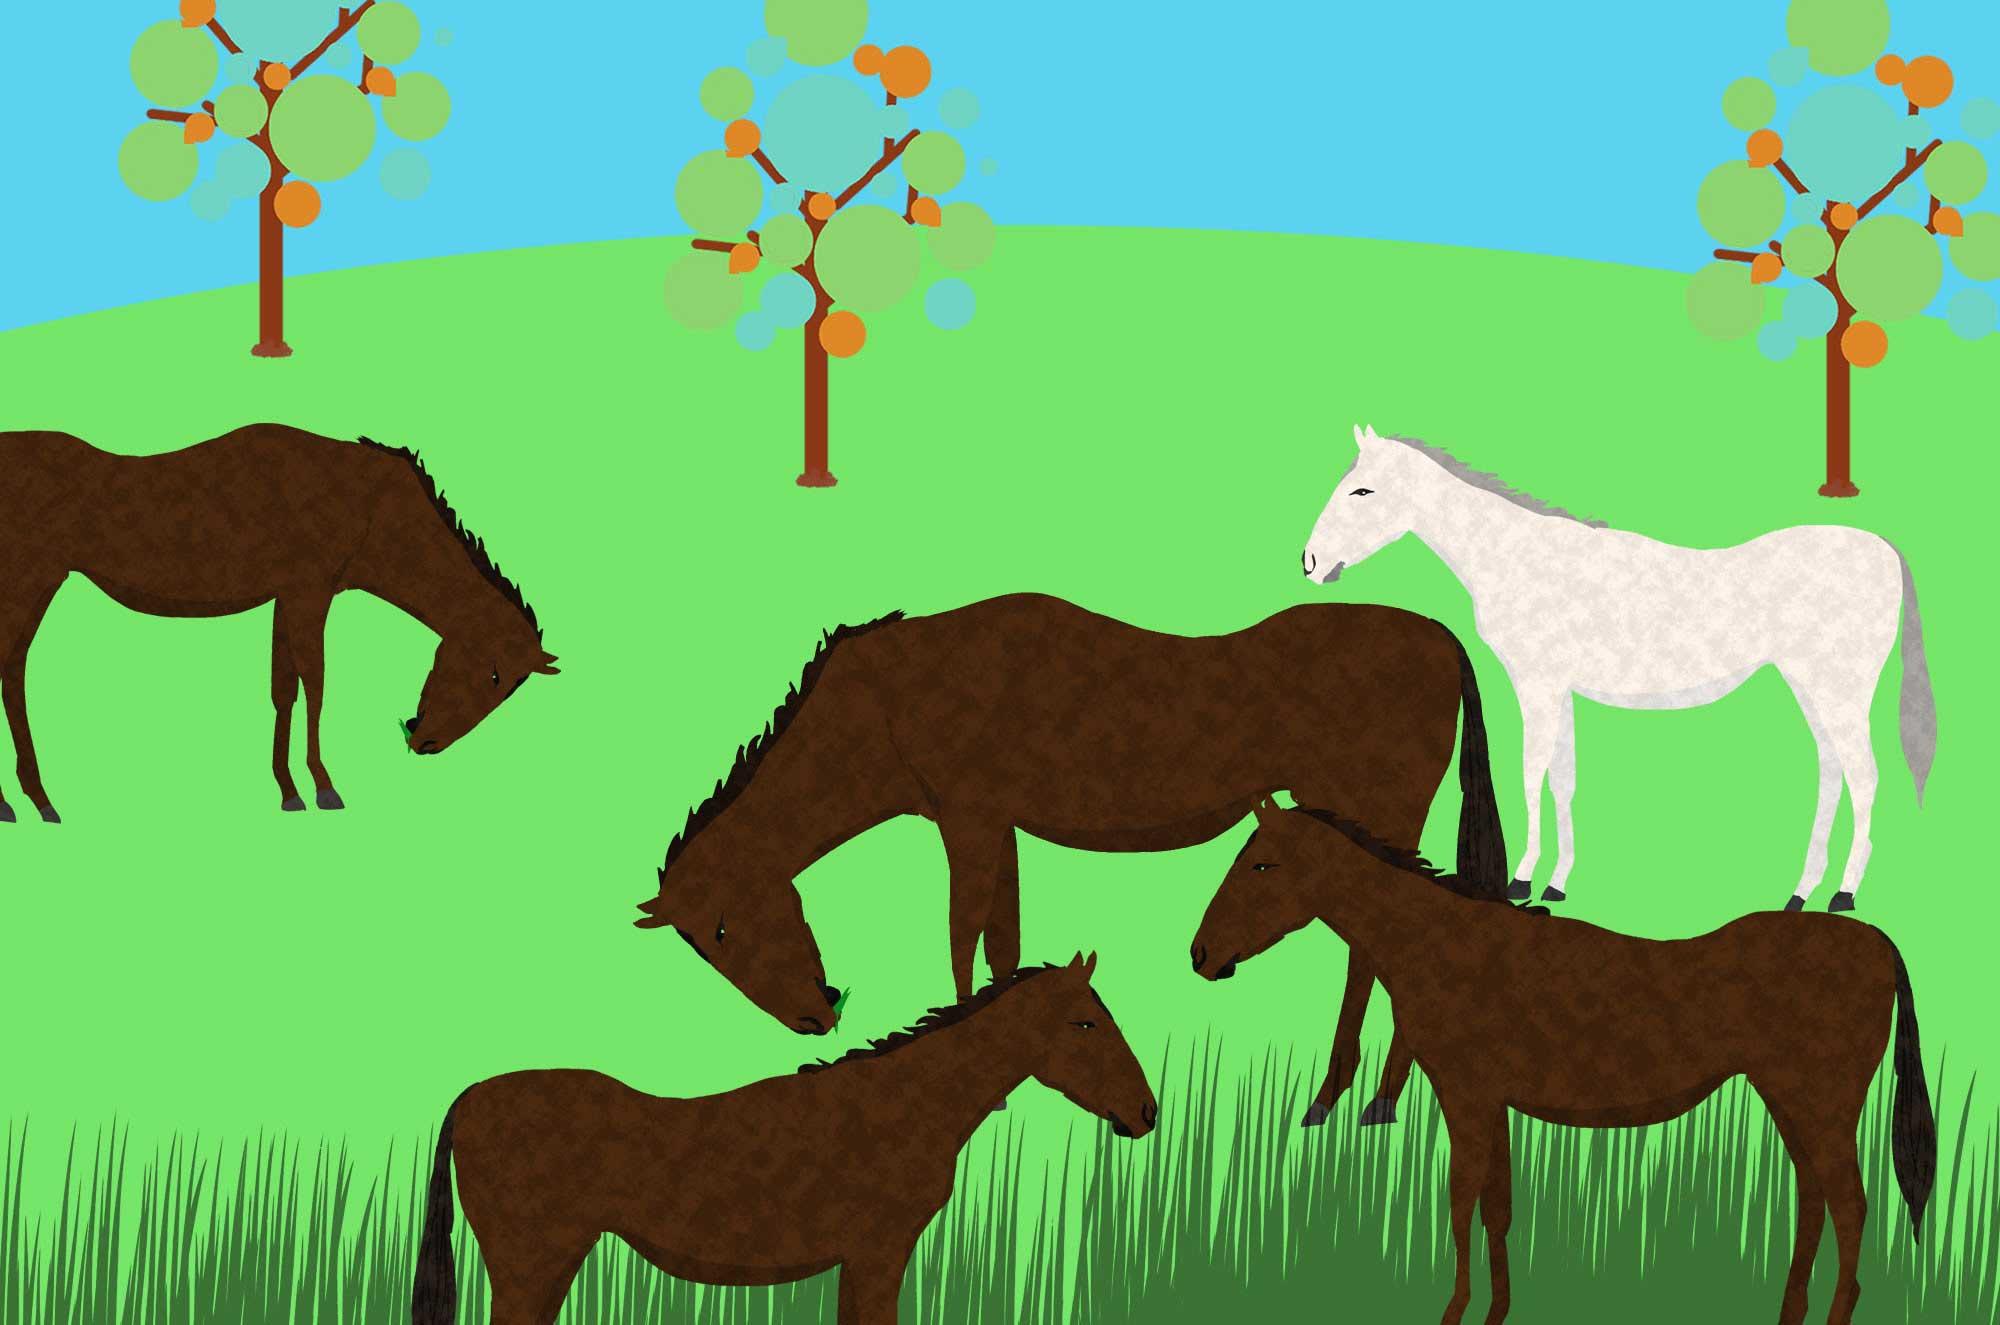 馬イラスト - かっこいい・可愛い草原のアニマル素材